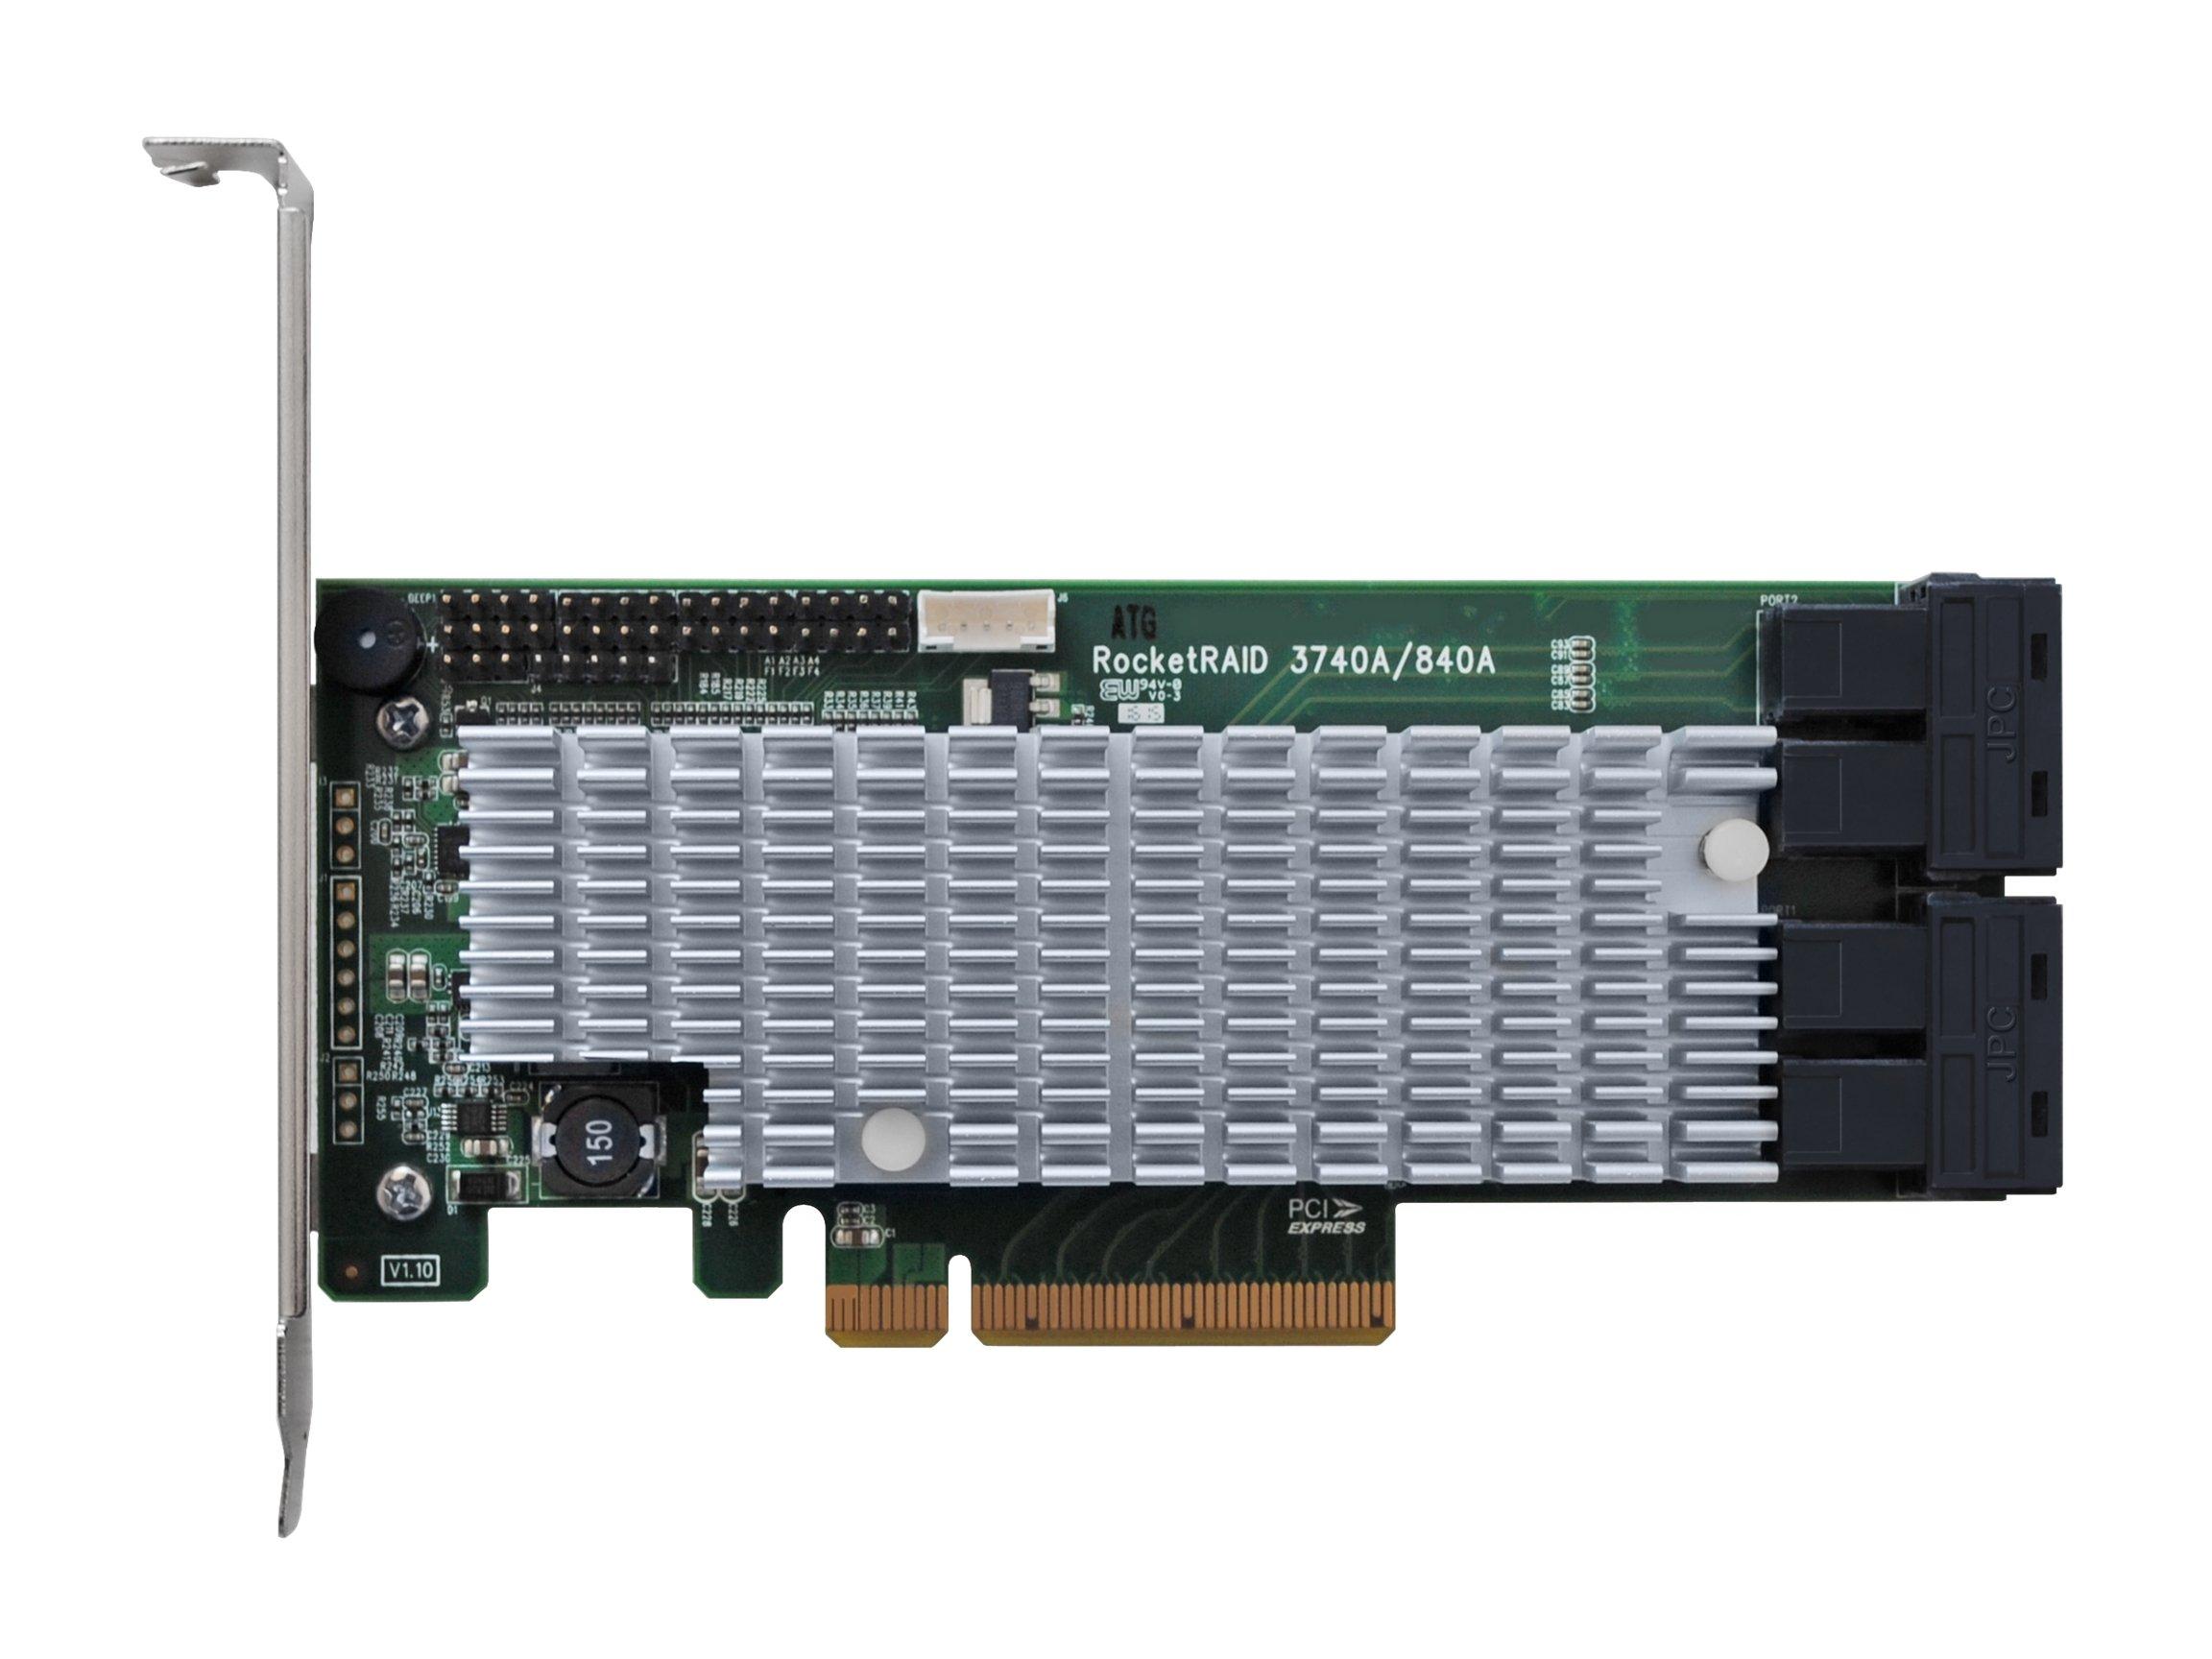 HighPoint RocketRAID 3740A 12Gb/s PCIe 3.0 x8 SAS/SATA RAID Host Bus Adapter by High Point